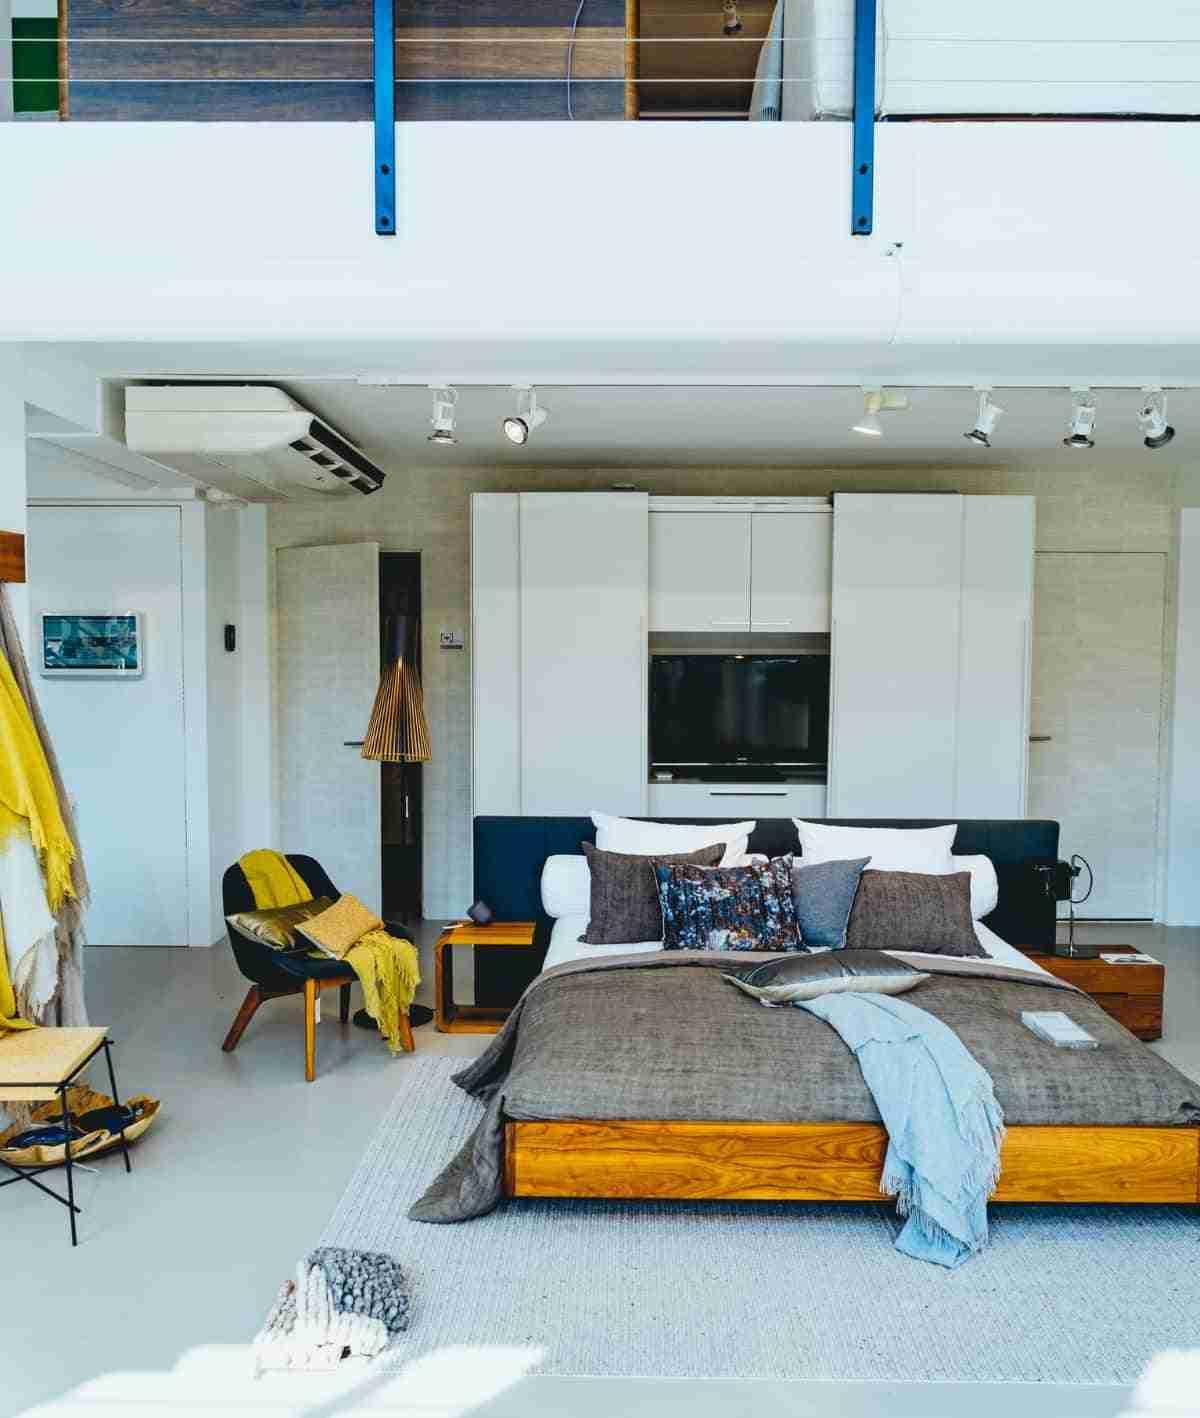 moderno dormitorio con camas al ras del suelo